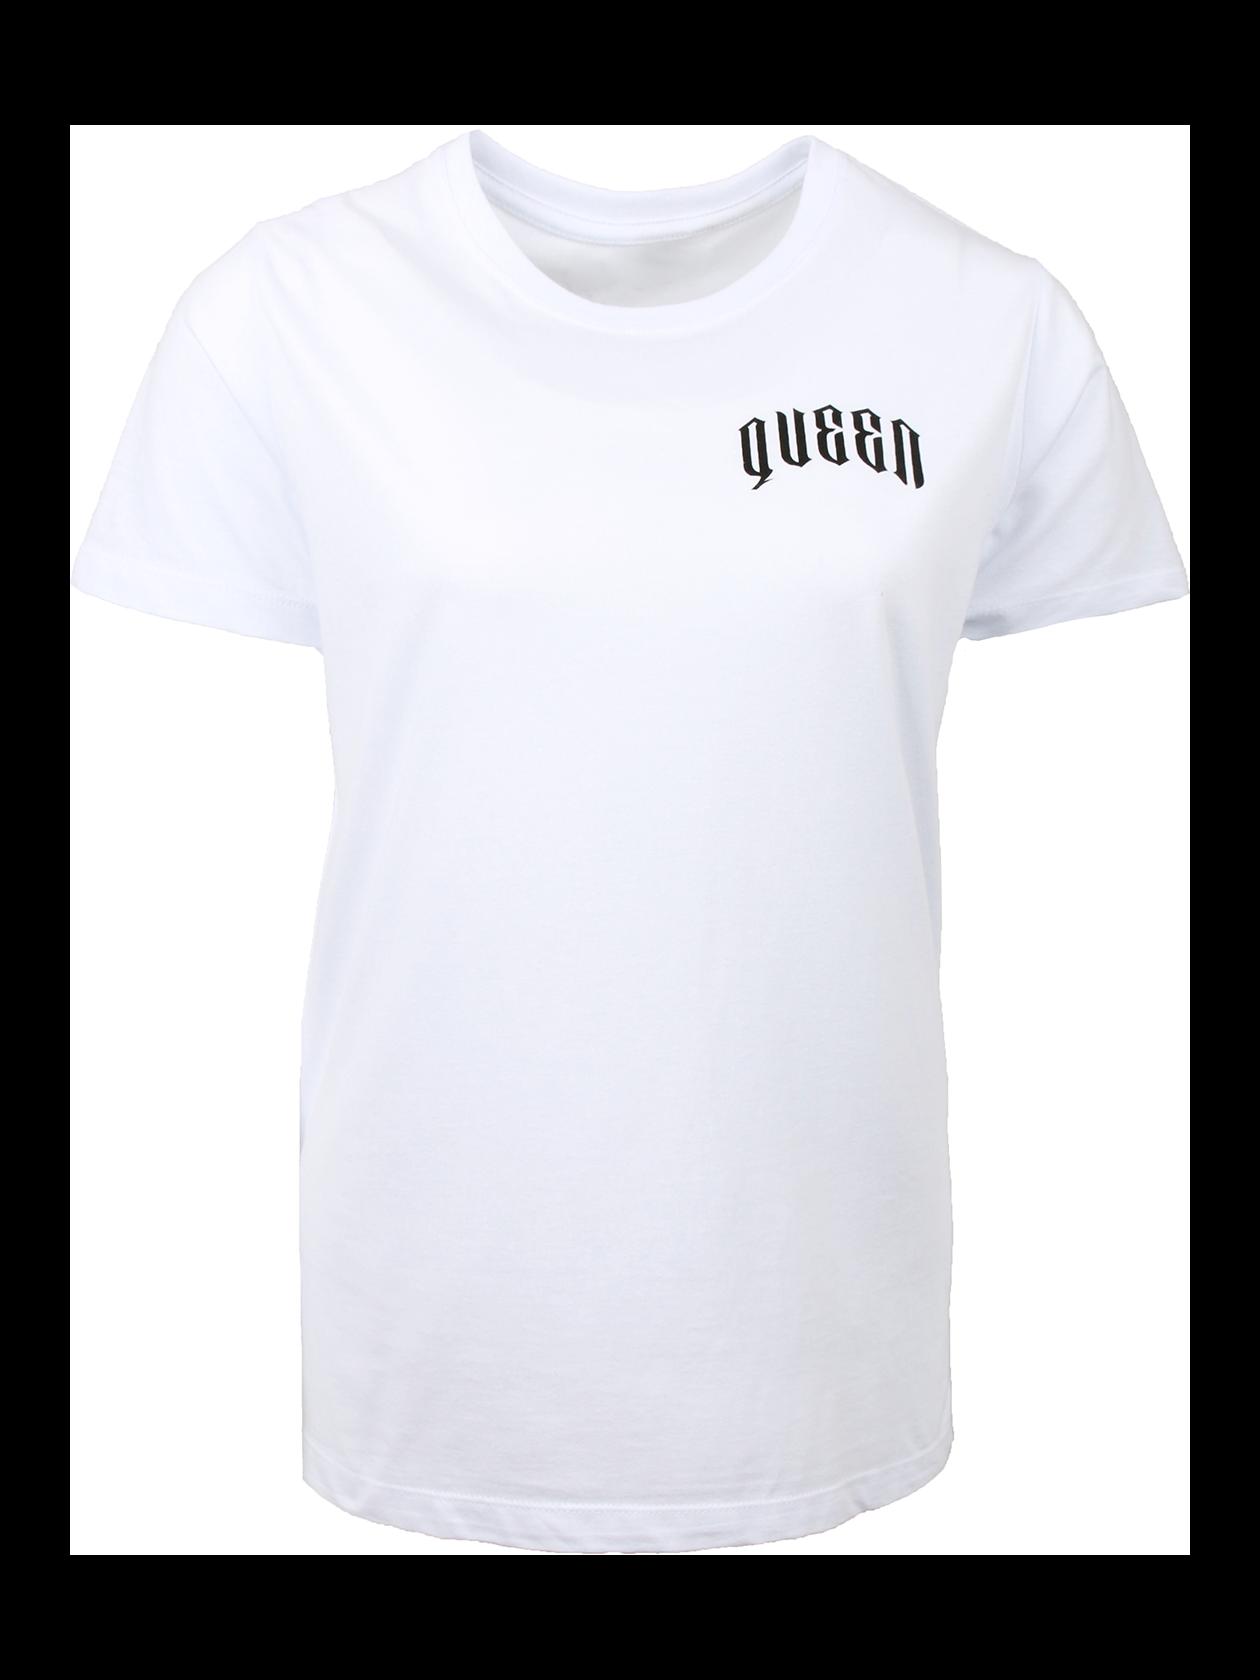 Футболка женская QUEENСтильная футболка женская Queen идеально впишется в повседневный и спортивный стиль. Модель представлена в практичной черной расцветке, обладает лаконичным кроем. Оптимальная длина, небольшой рукав, округлая горловина с эластичной окантовкой. Внутри имеется фирменная нашивка с логотипом бренда Black Star Wear. Дизайн дополнен контрастными надписями белыми буквами Queen 13 на спине и на груди. Футболка изготовлена из натурального хлопка класса «премиум».<br><br>Размер: L<br>Цвет: Белый<br>Пол: Женский